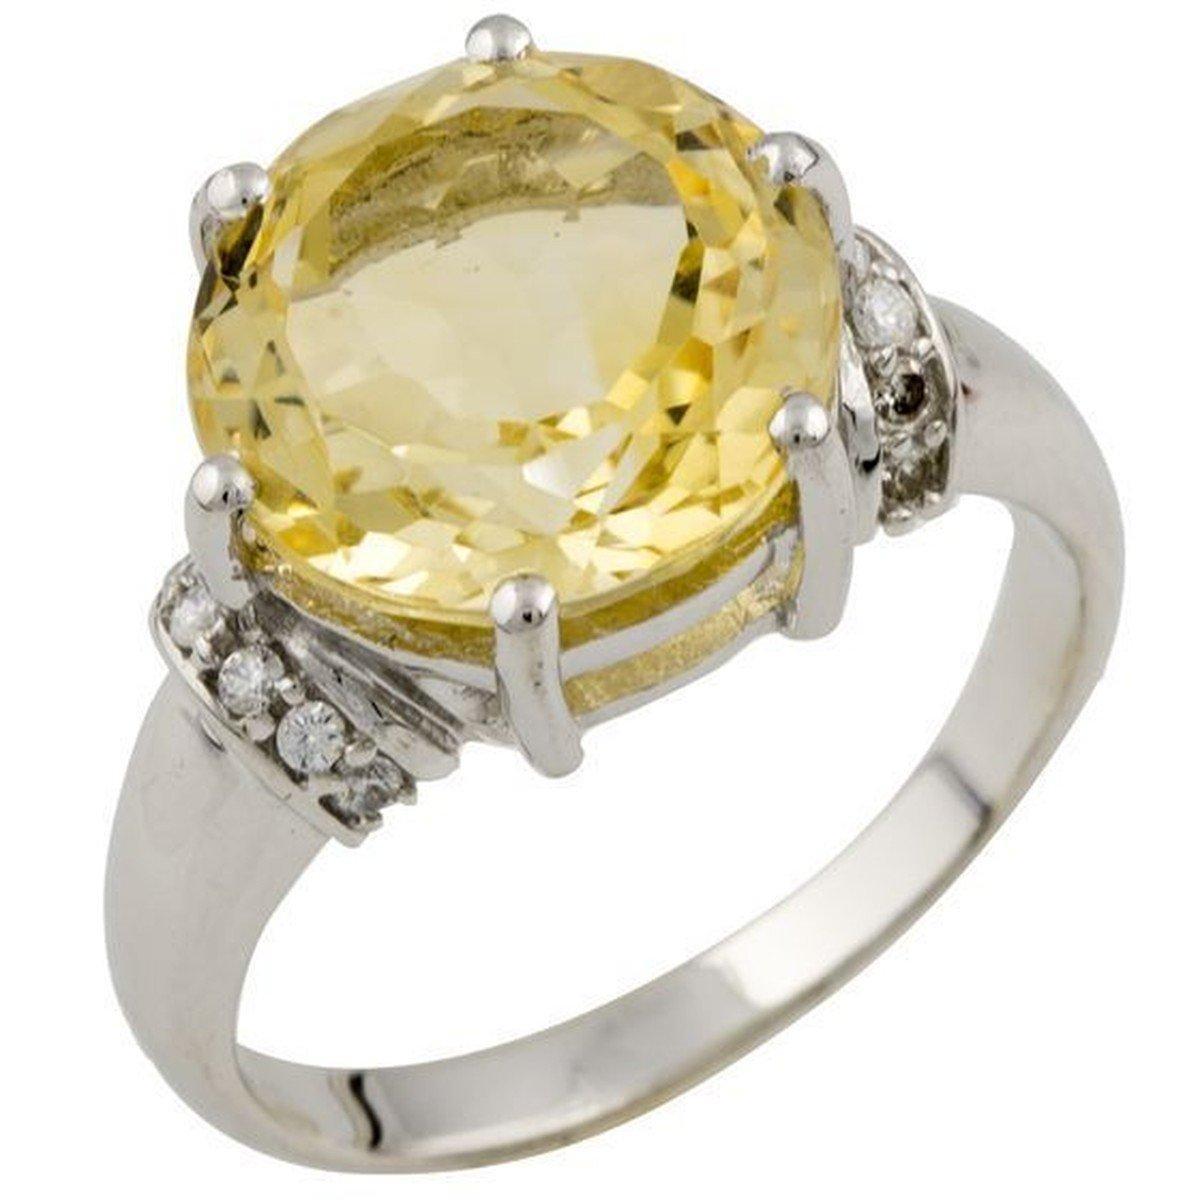 Серебряное кольцо DreamJewelry с цитрином nano 4.29ct (1089392) 18 размер